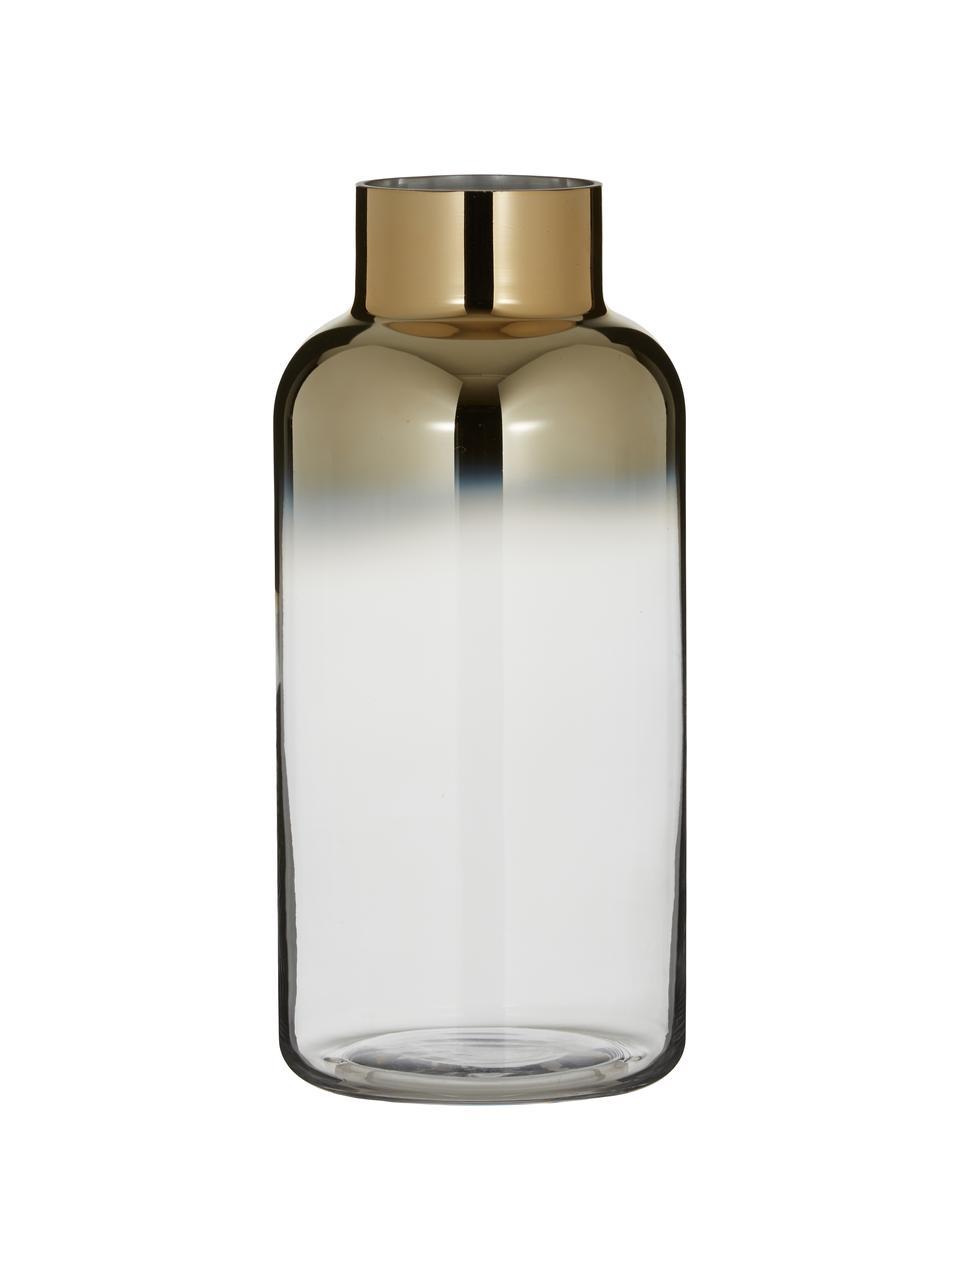 Váza Uma, Transparentní, zlatá